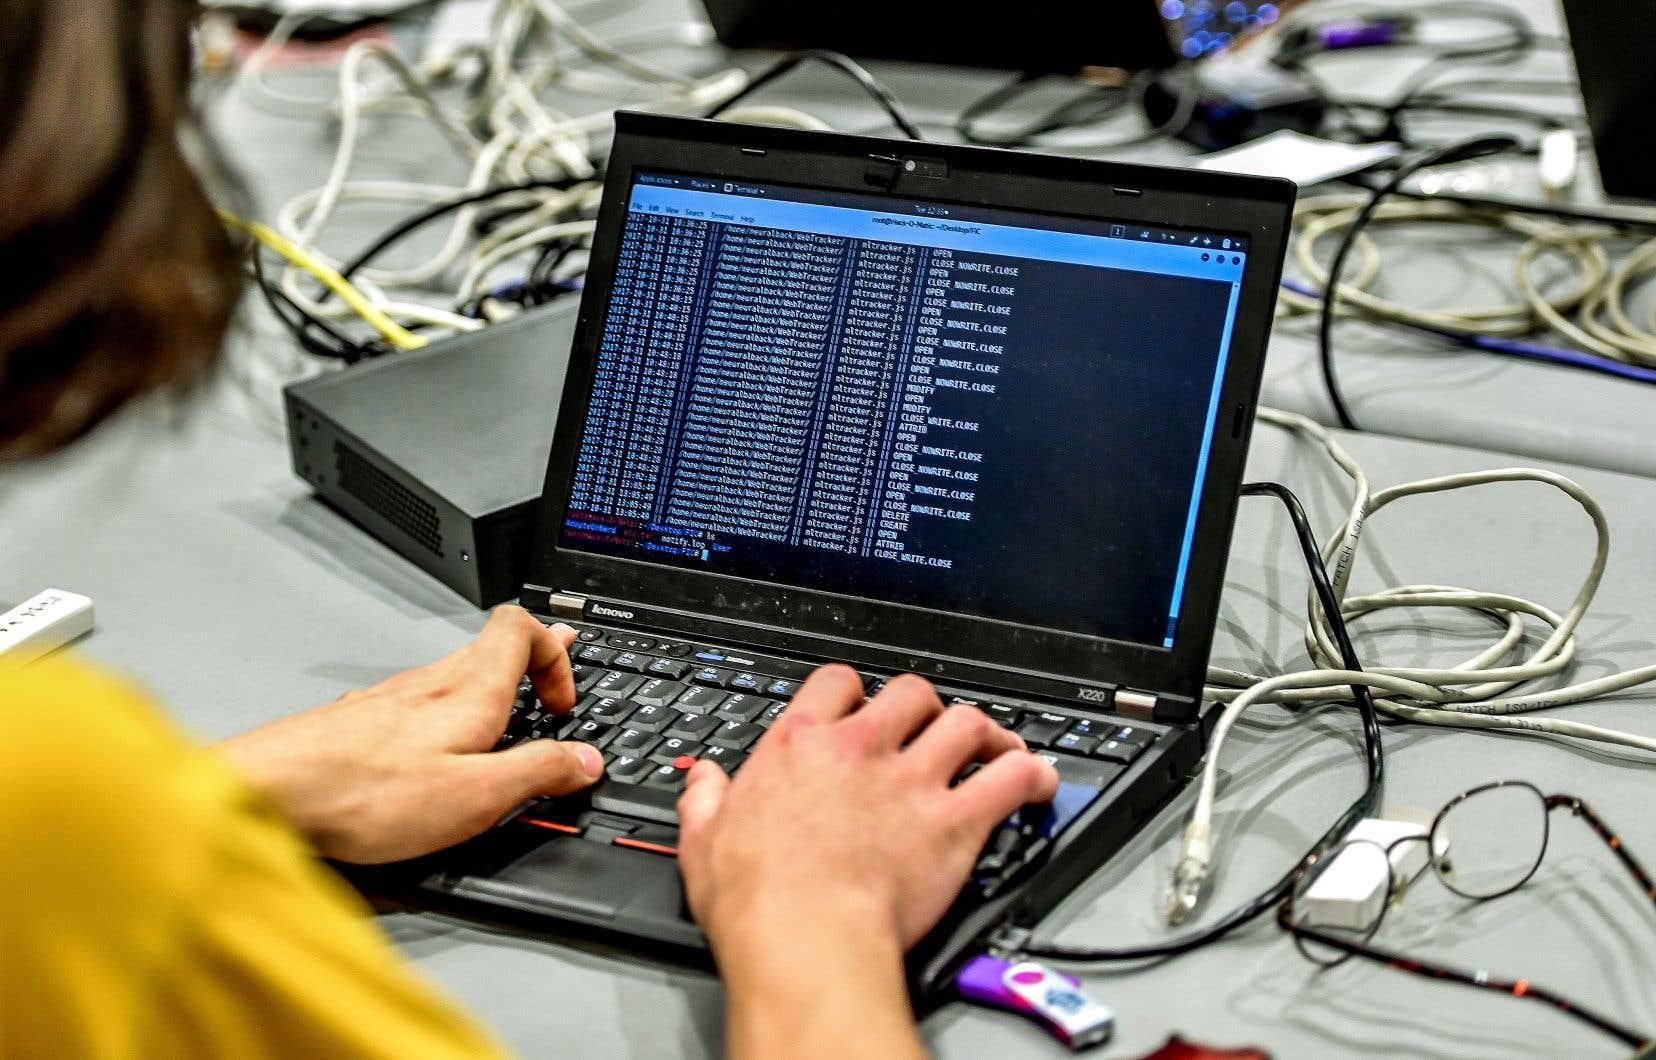 C'est dans la région métropolitaine qu'on retrouve le plus grand nombre de chaires de recherche dans le domaine de la cybersécurité au Canada, se réjouit le p.d-g. de Montréal International, Stéphane Paquet.